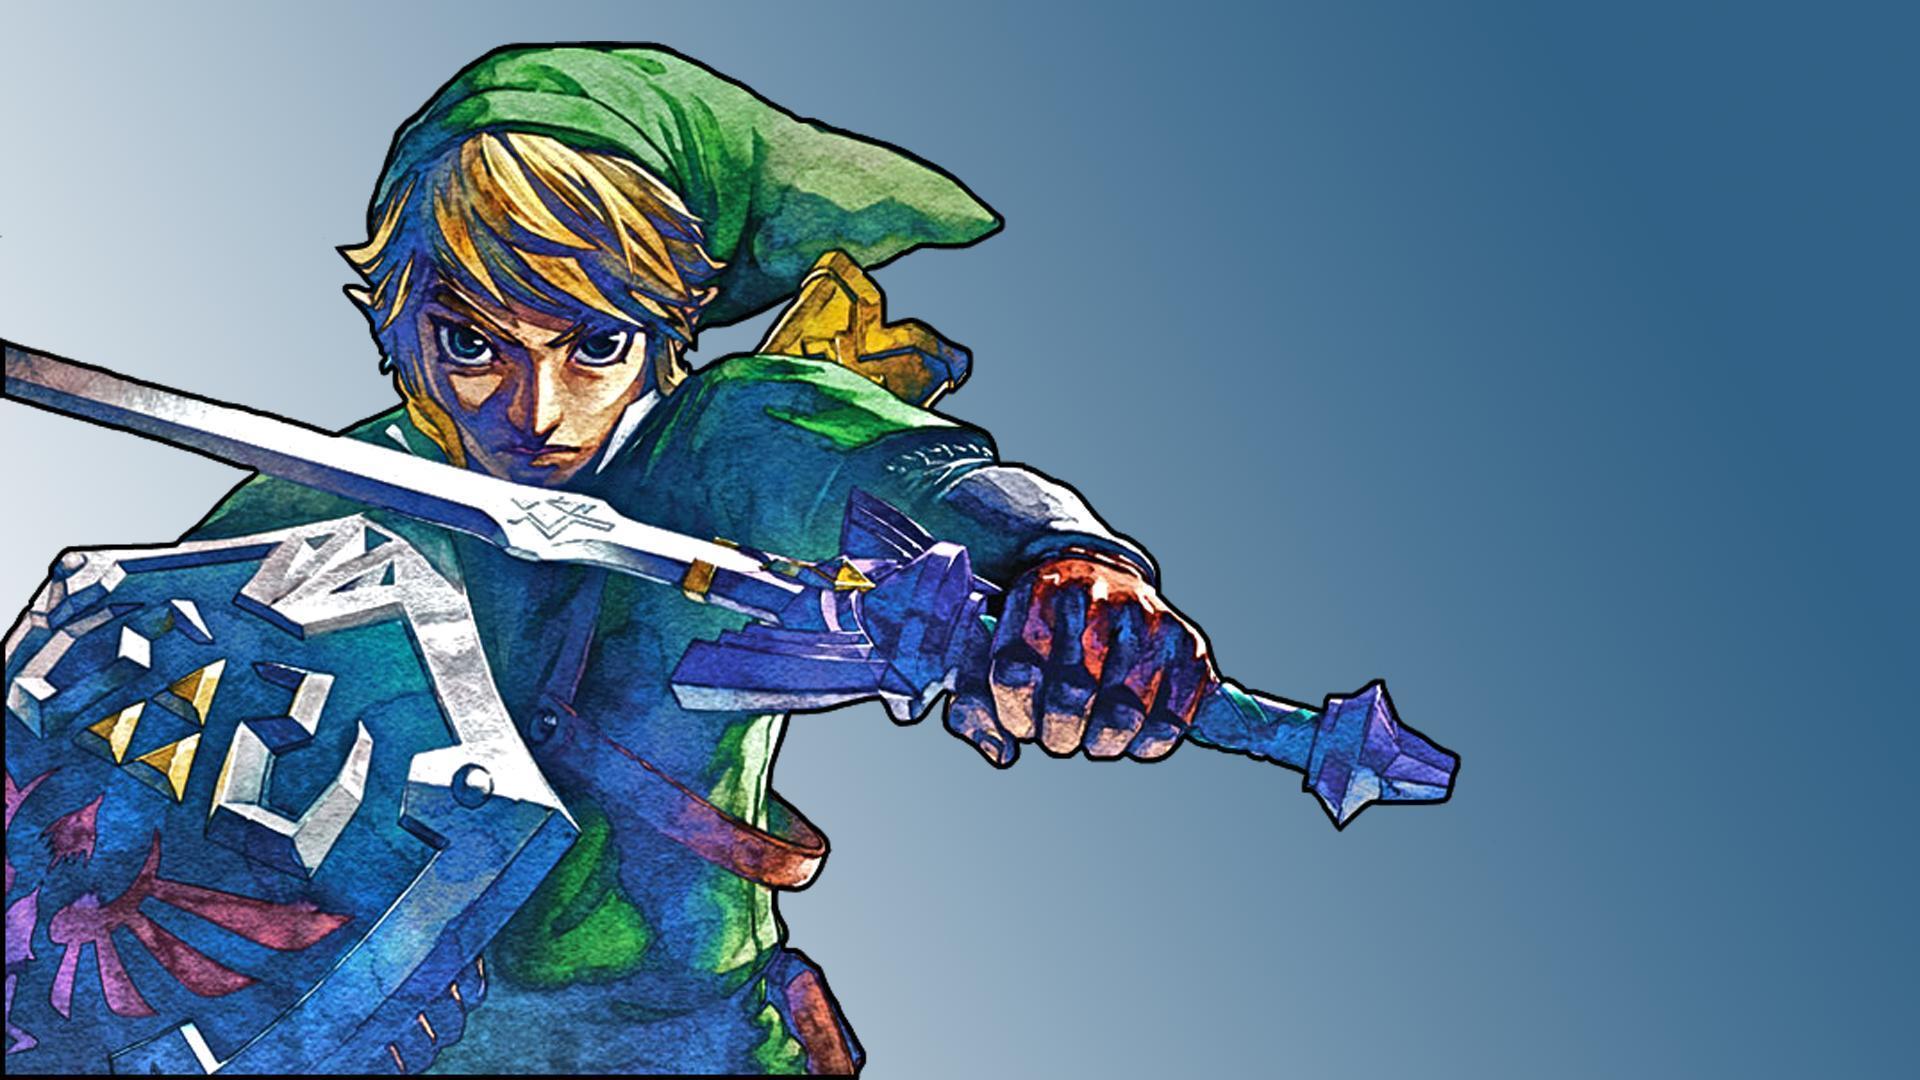 Legend Of Zelda Skyward Sword Wallpapers - Wallpaper Cave